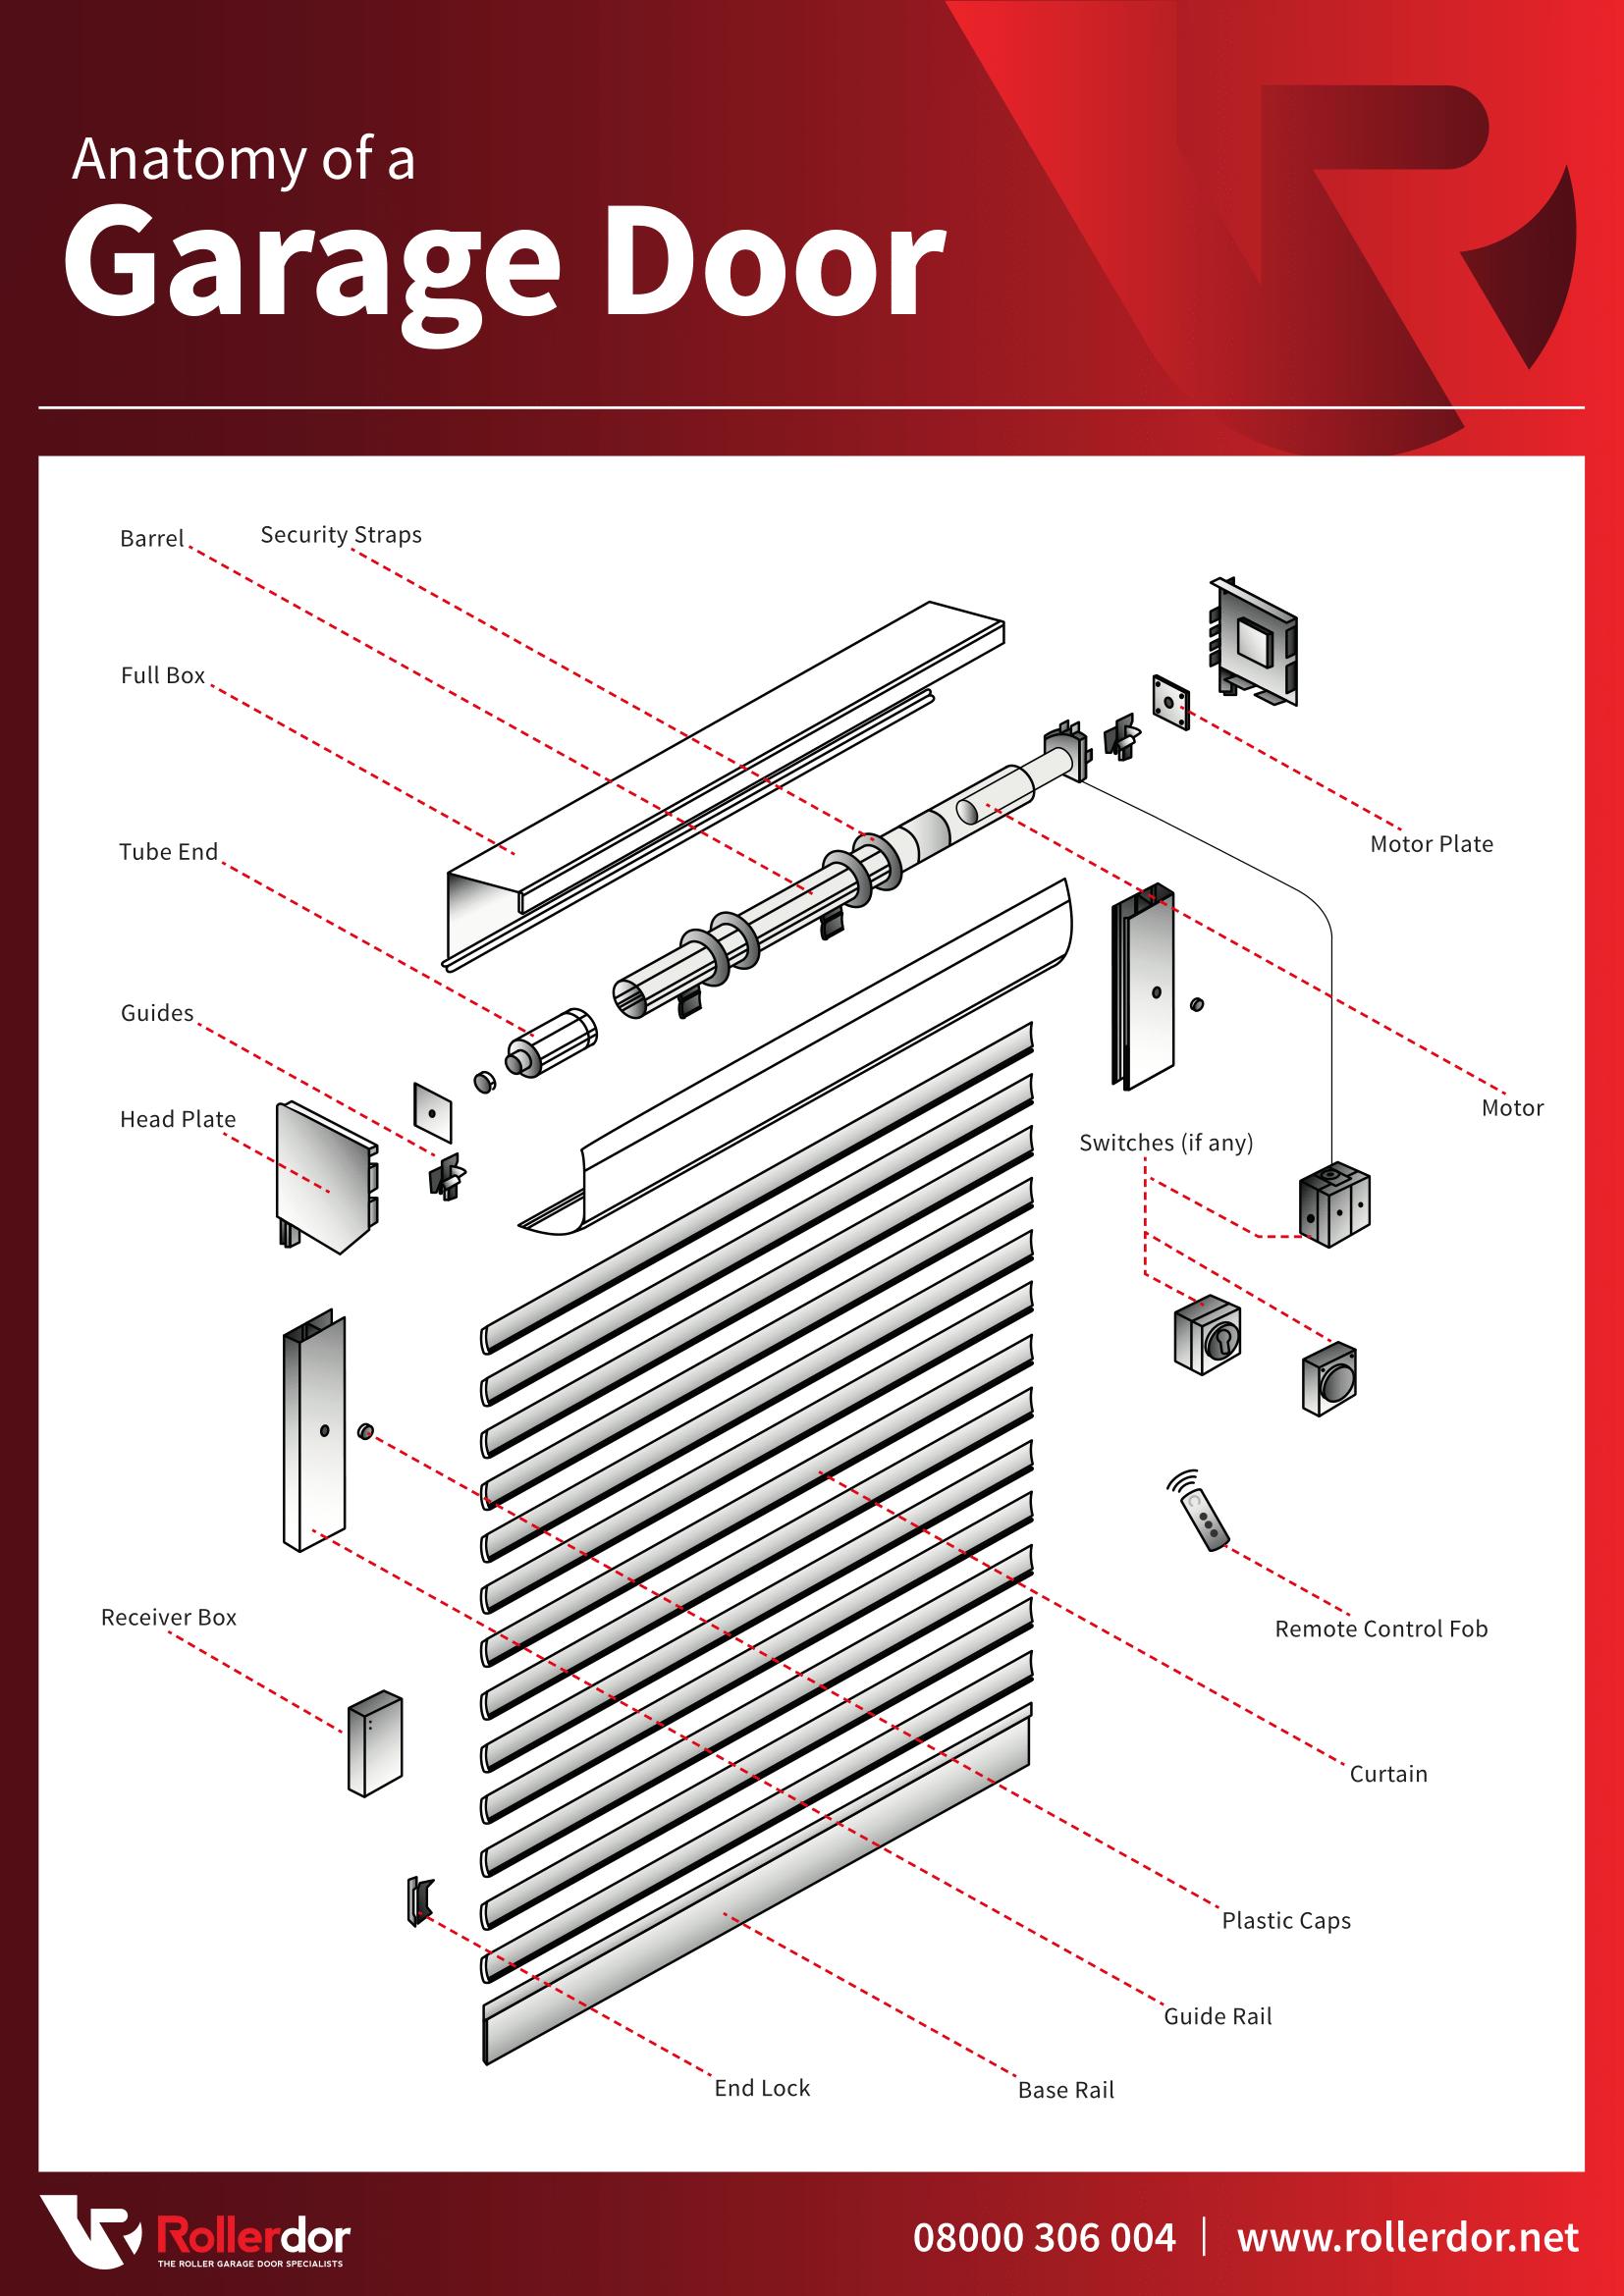 Pin by Adtrak on Copywriting | Pinterest | Garage doors